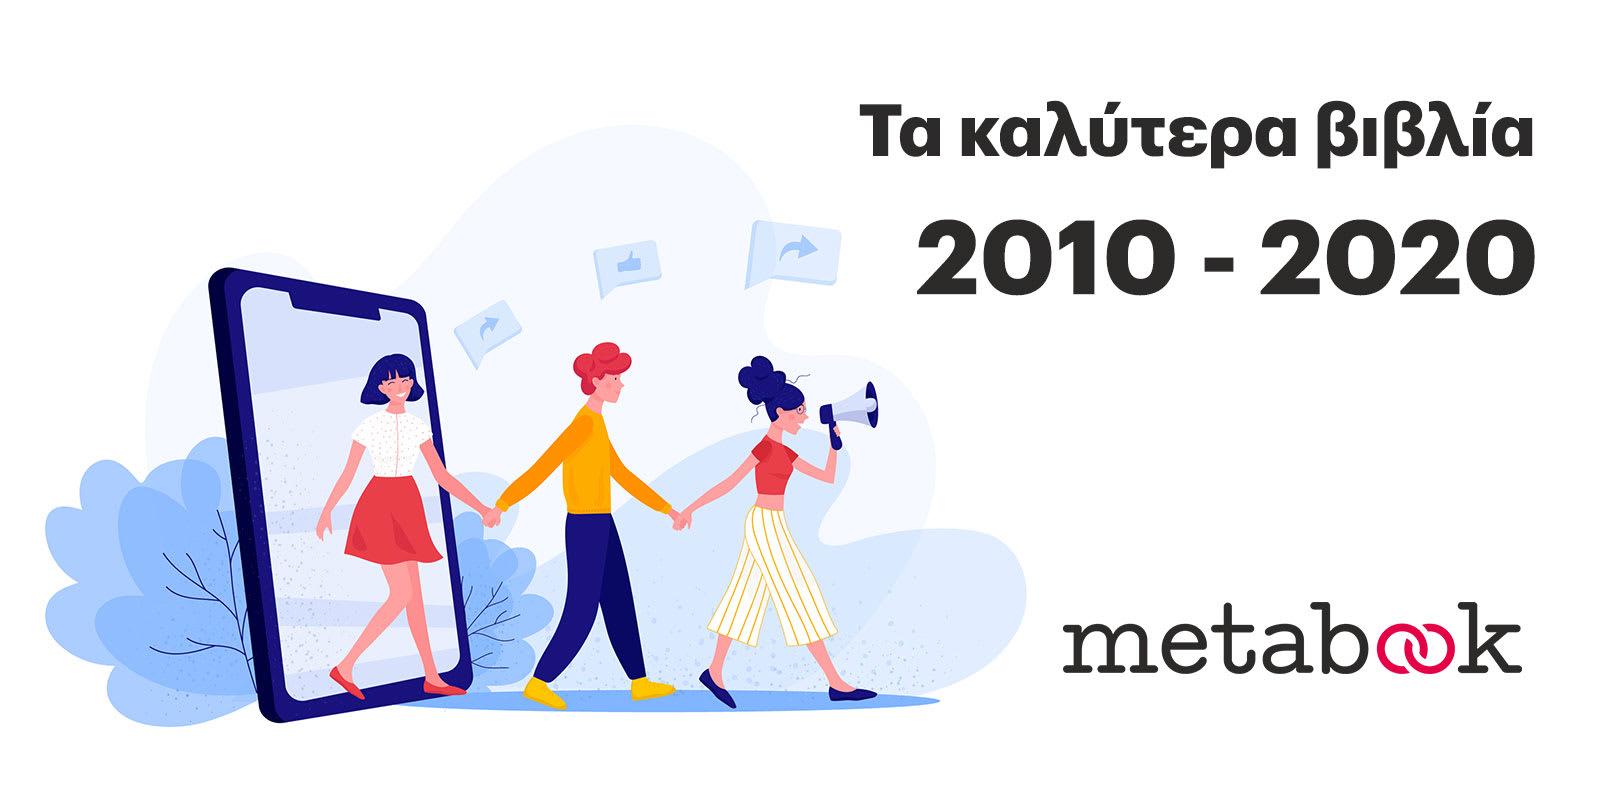 Τα καλύτερα βιβλία του 2010-2020